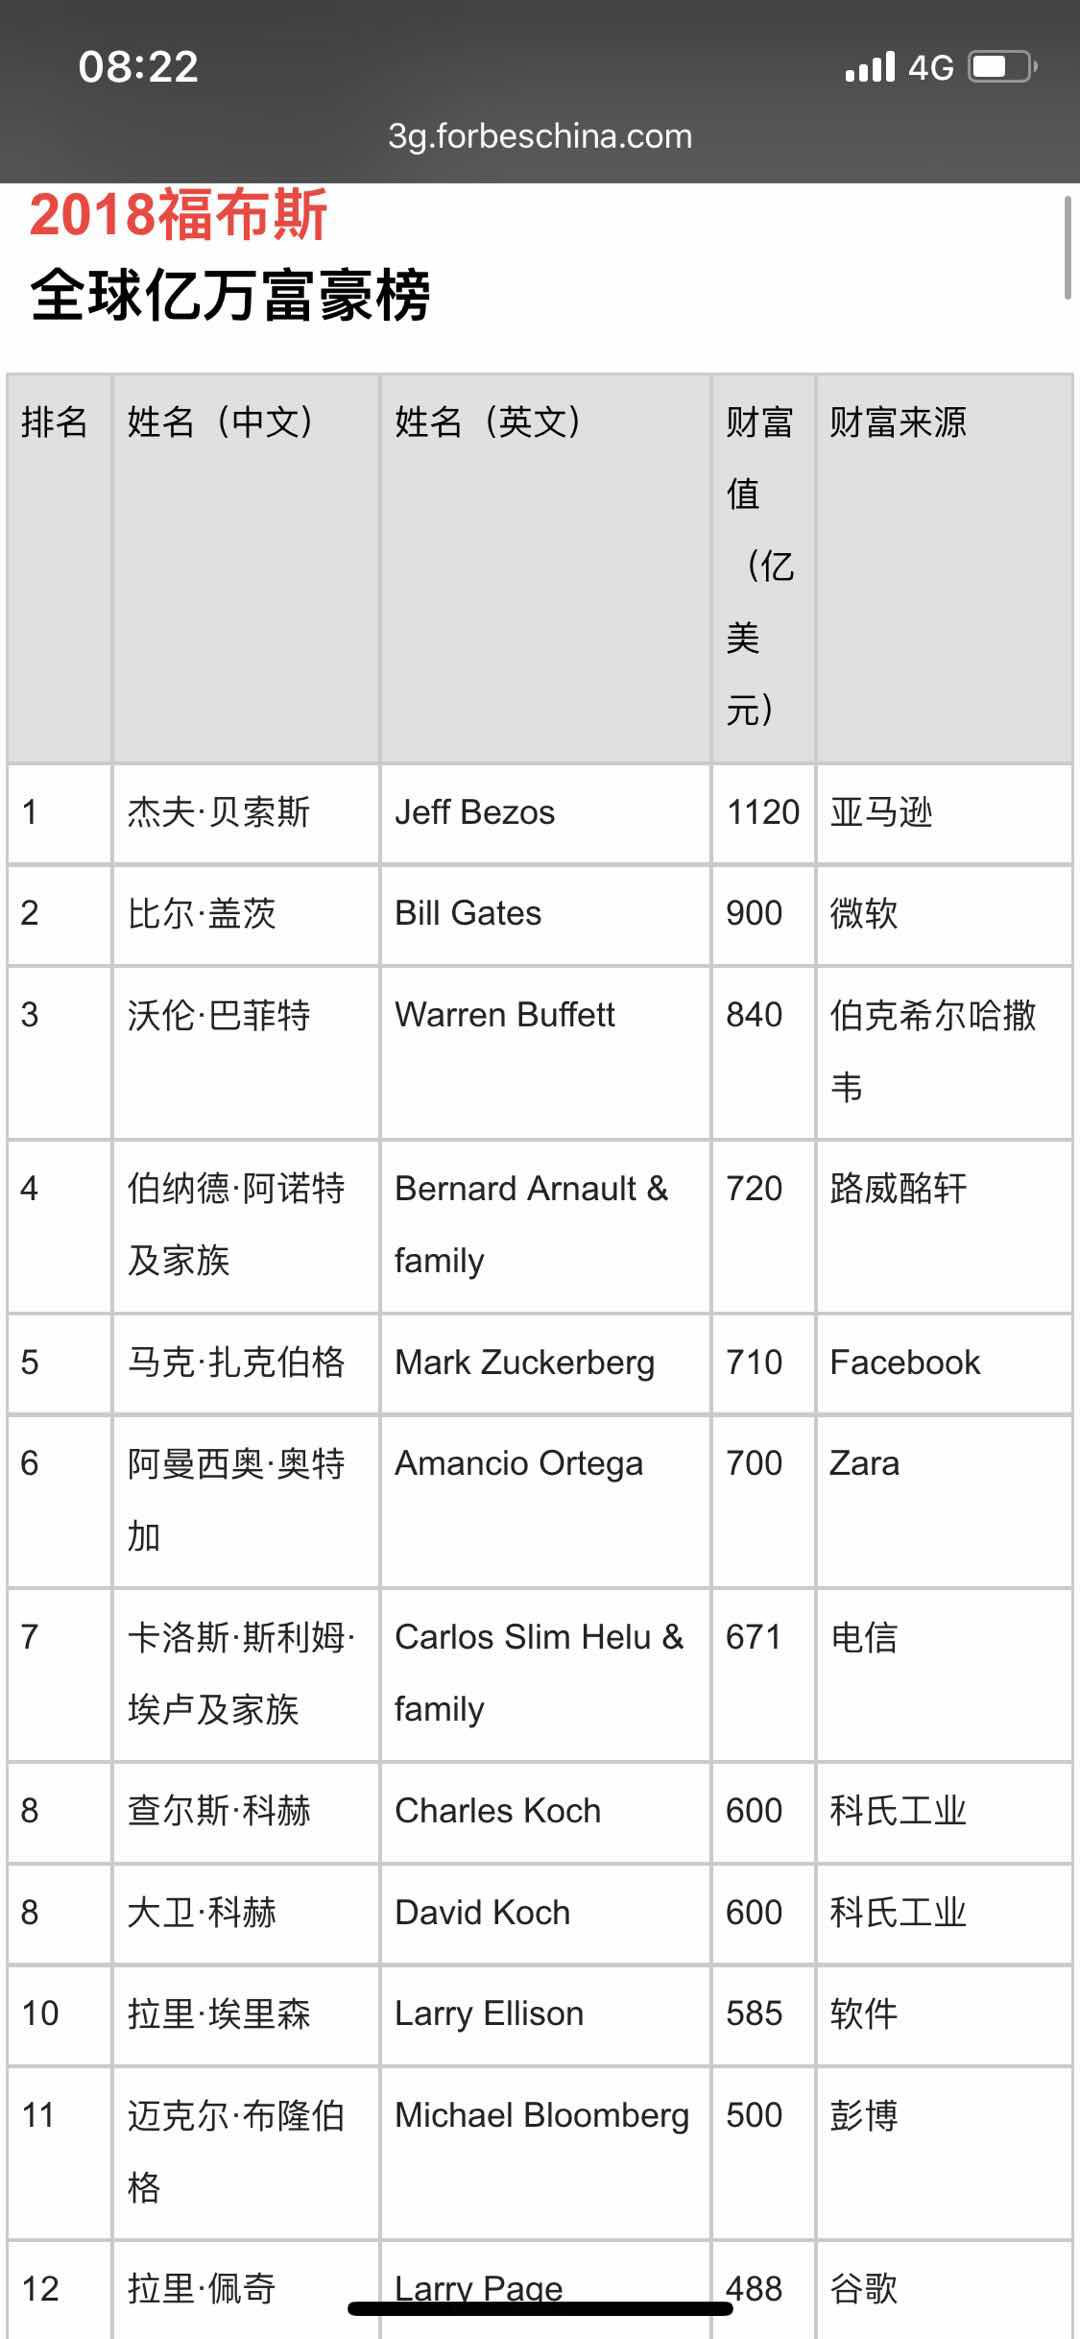 福布斯2018年度全球亿万富豪榜:中国新上